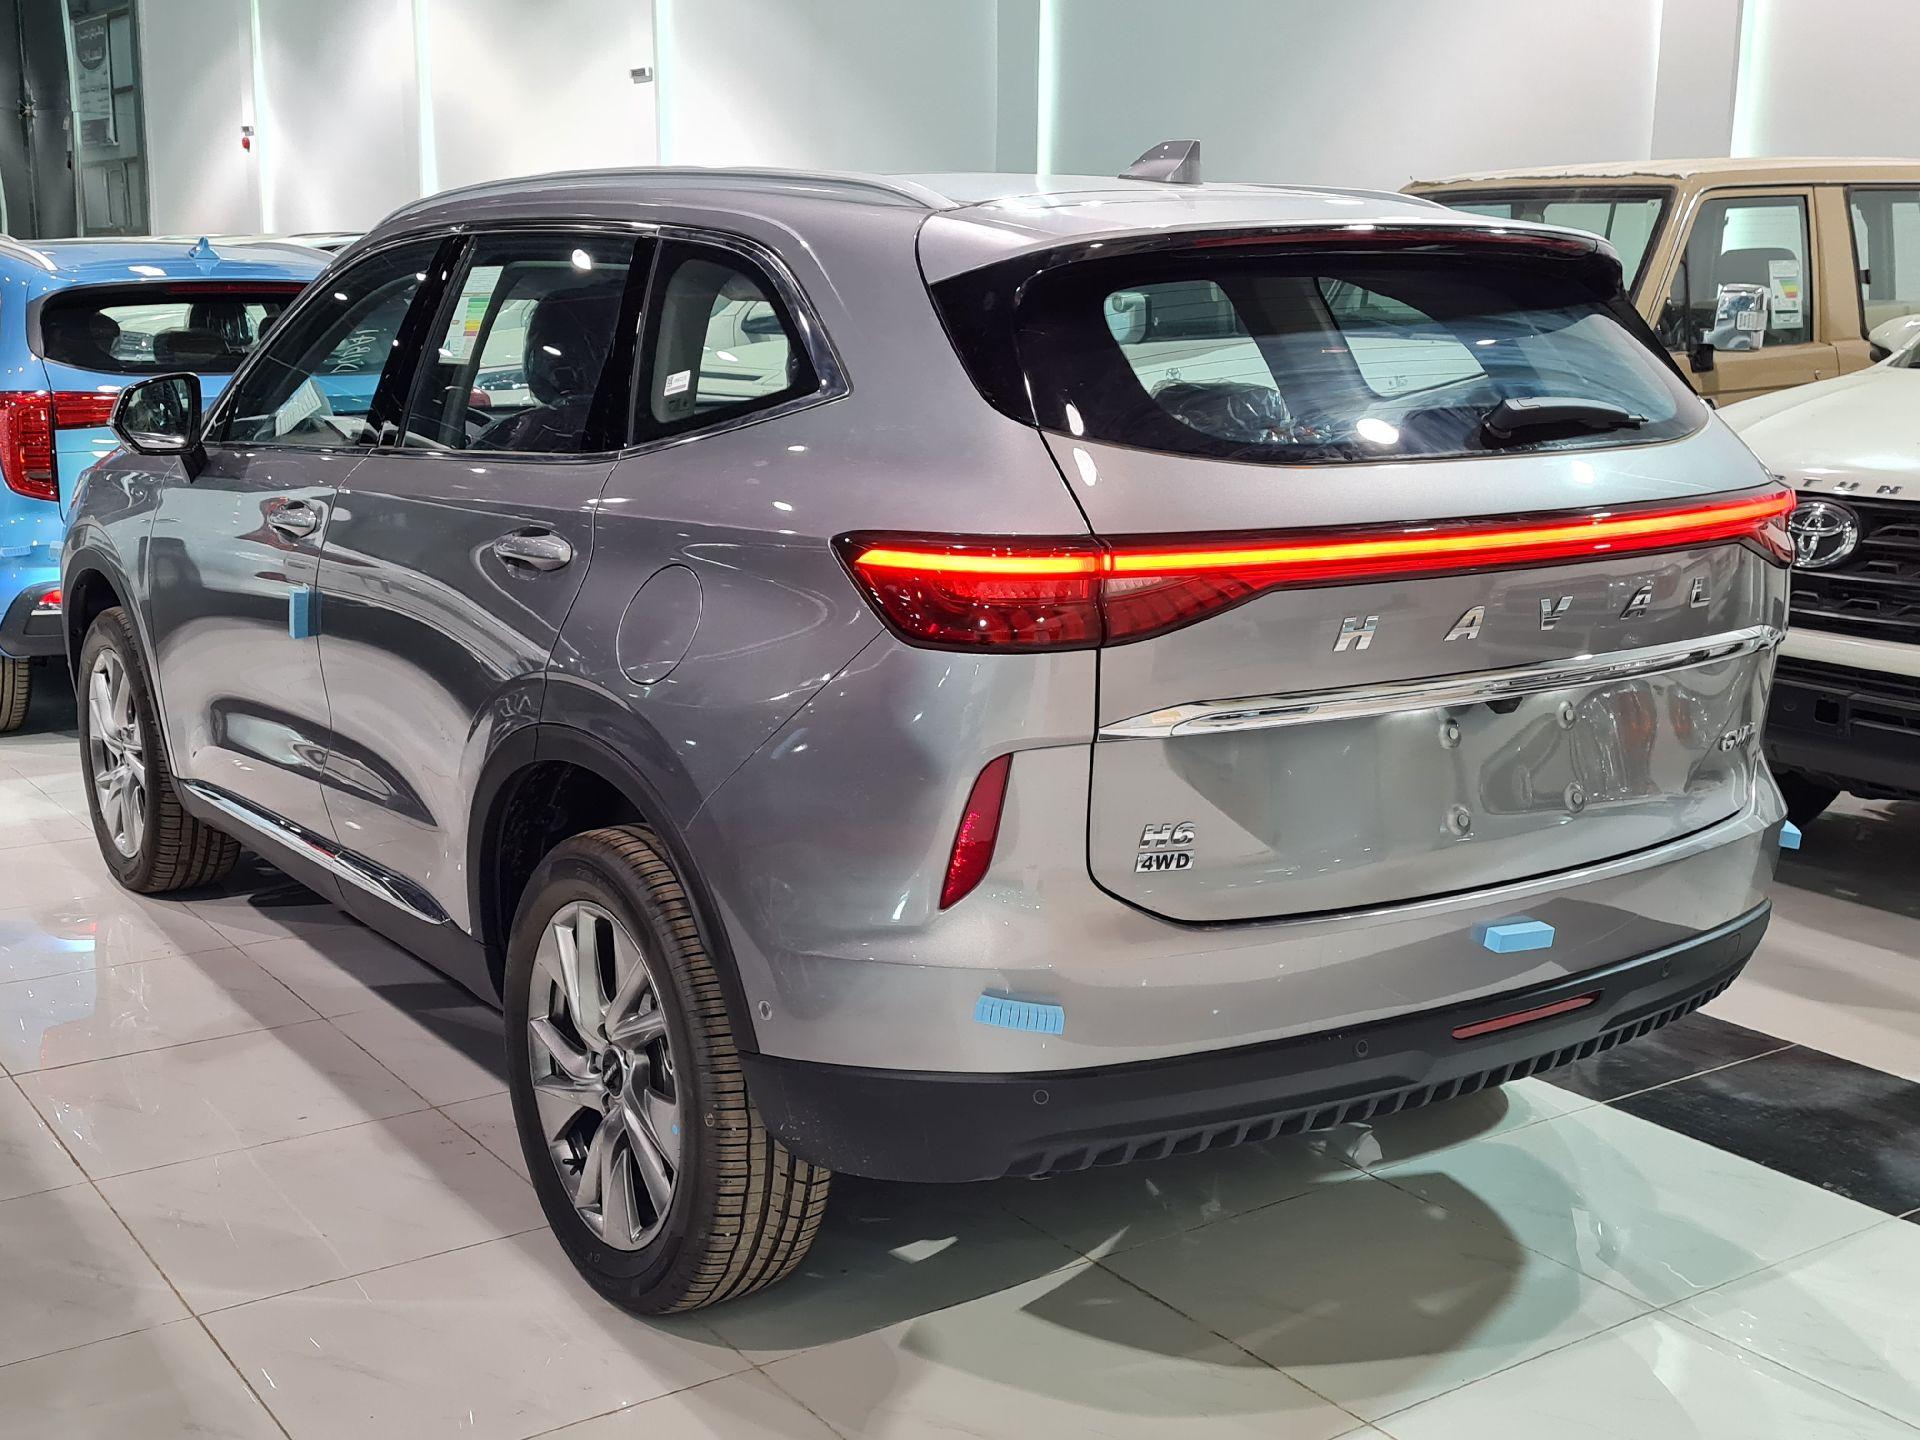 هافال H6 الشكل الجديد Premium 2022 فل سعودي للبيع في الرياض - السعودية - صورة كبيرة - 4